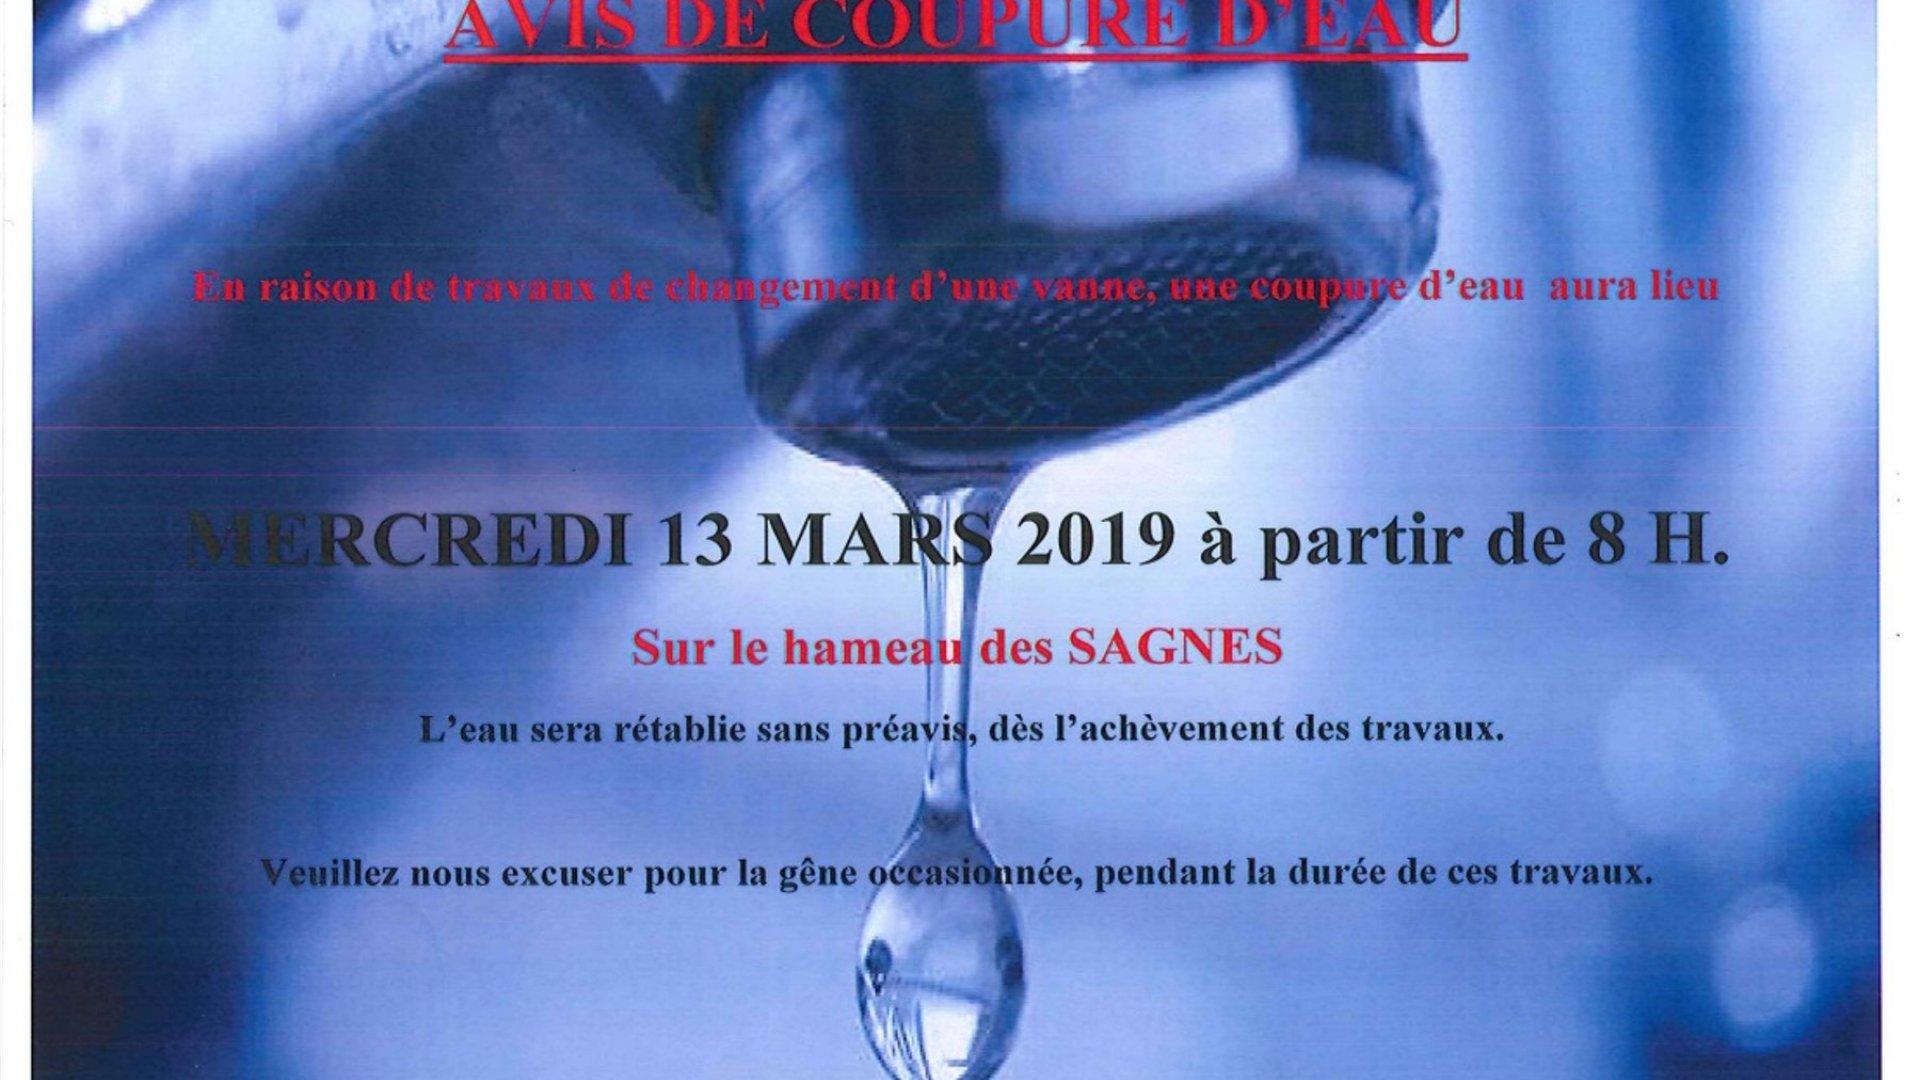 Coupure d'eau hameau des Sagnes